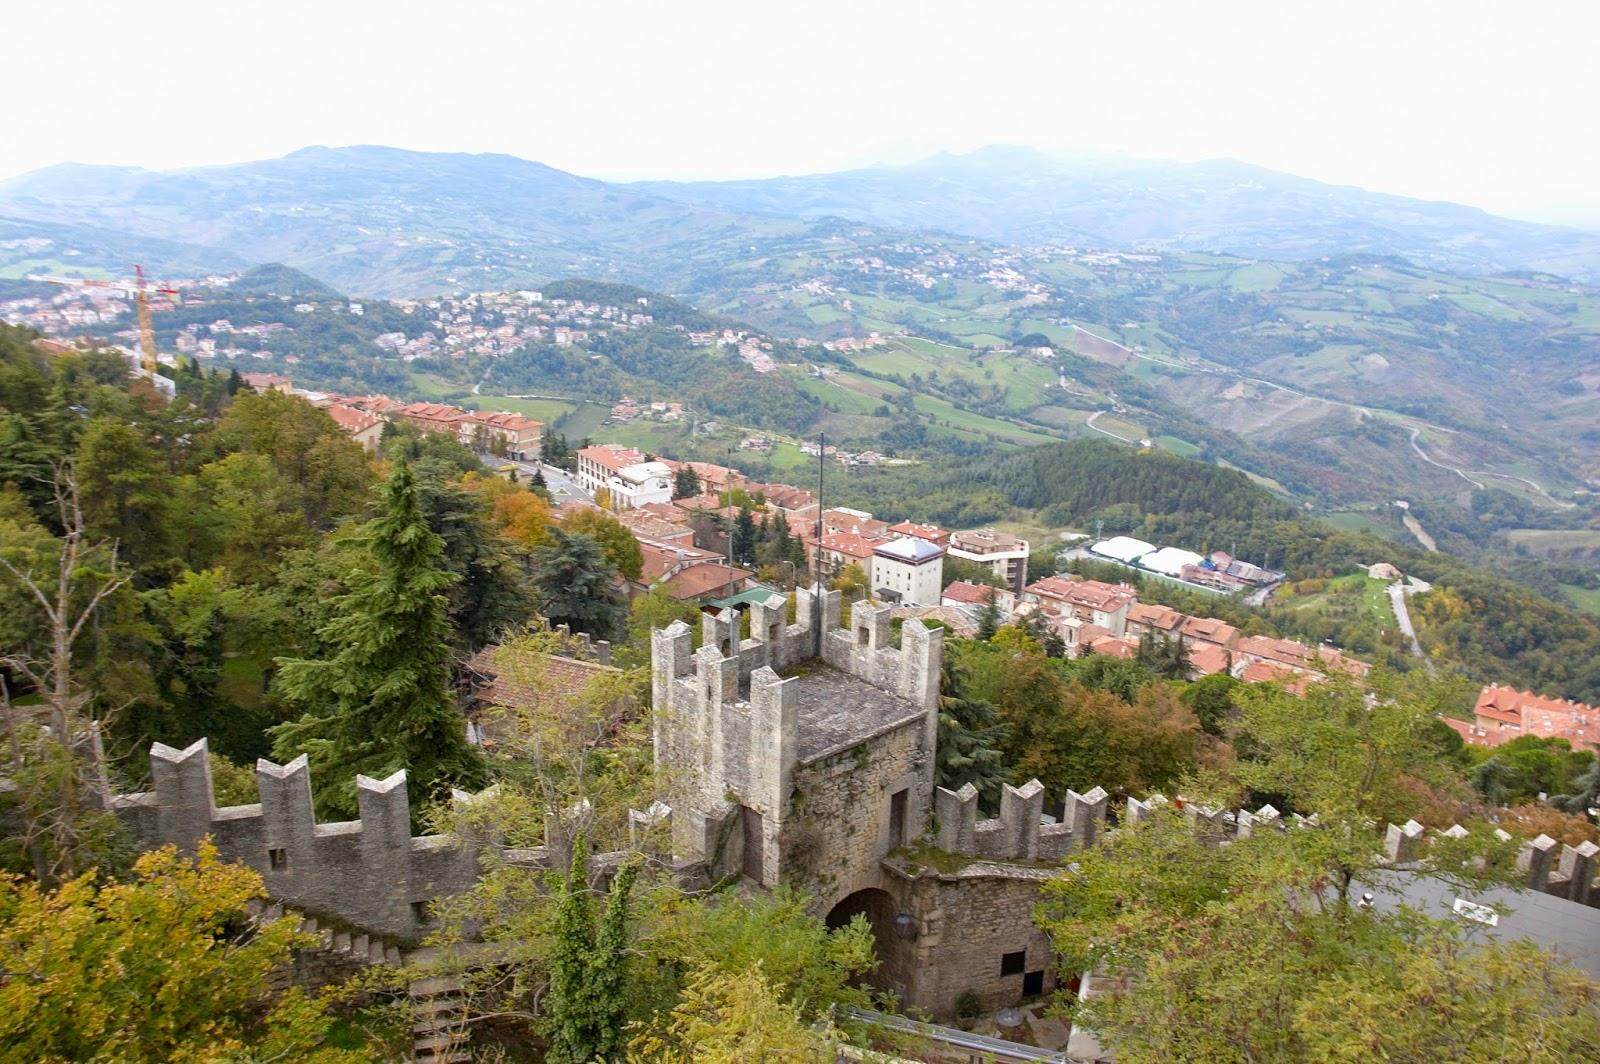 widok z zamku na okolice republiki San Marino